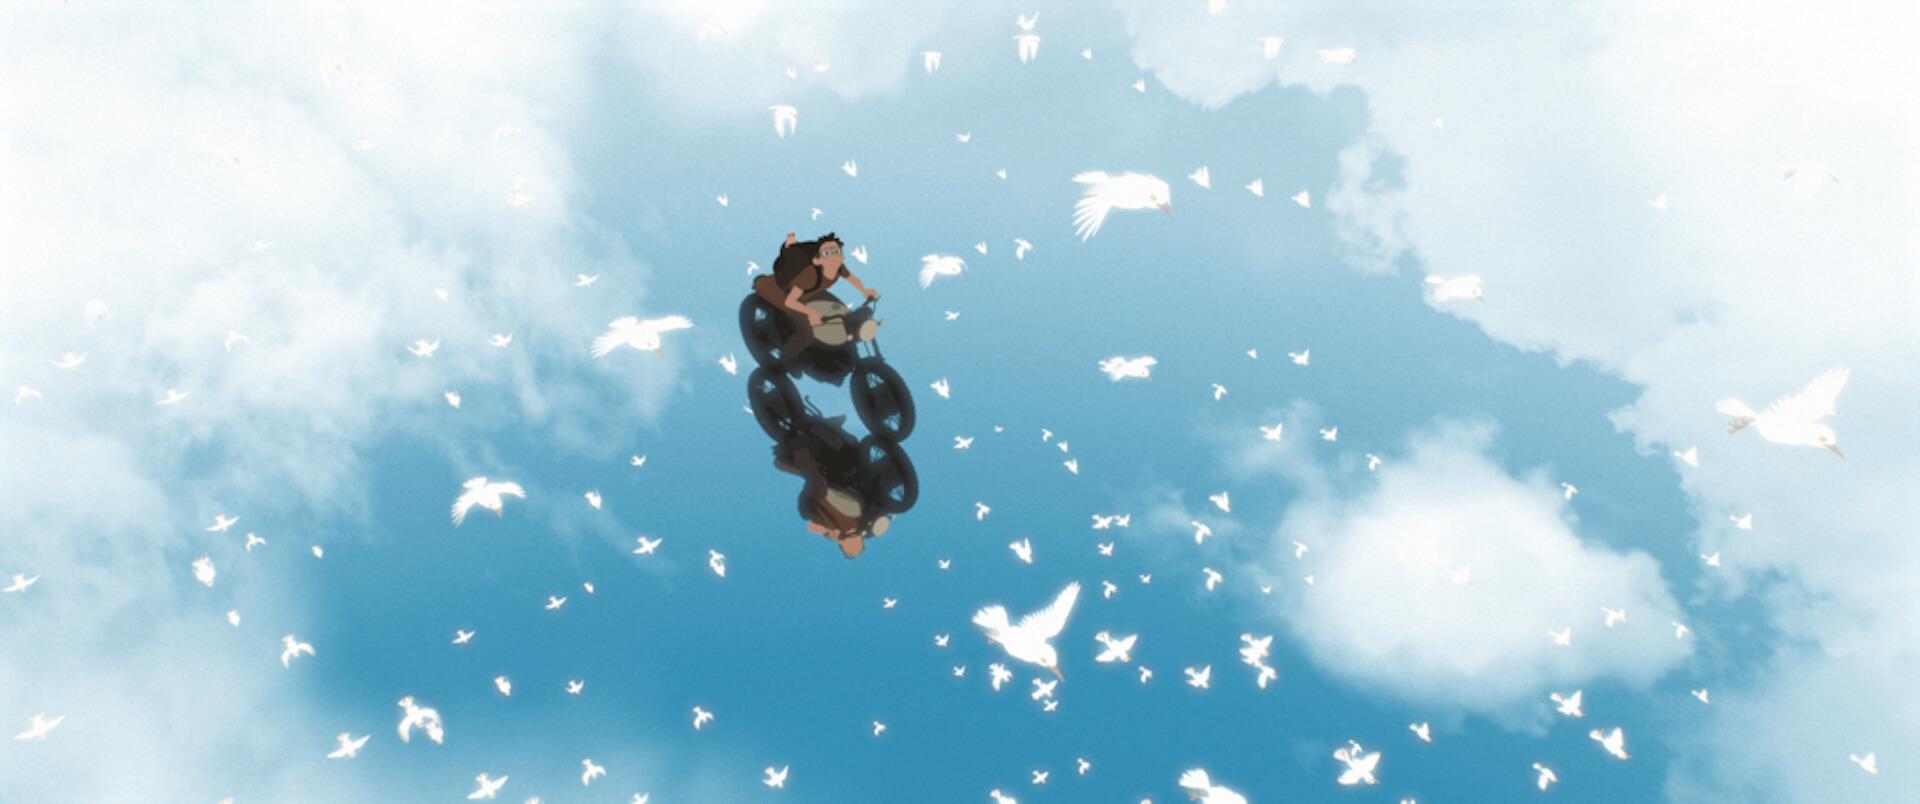 世界の映画祭で大絶賛のアニメーション映画『Away』の本編映像が到着!たった一人で製作・監督・編集・音楽を担当した長編大作 film201201_away_02